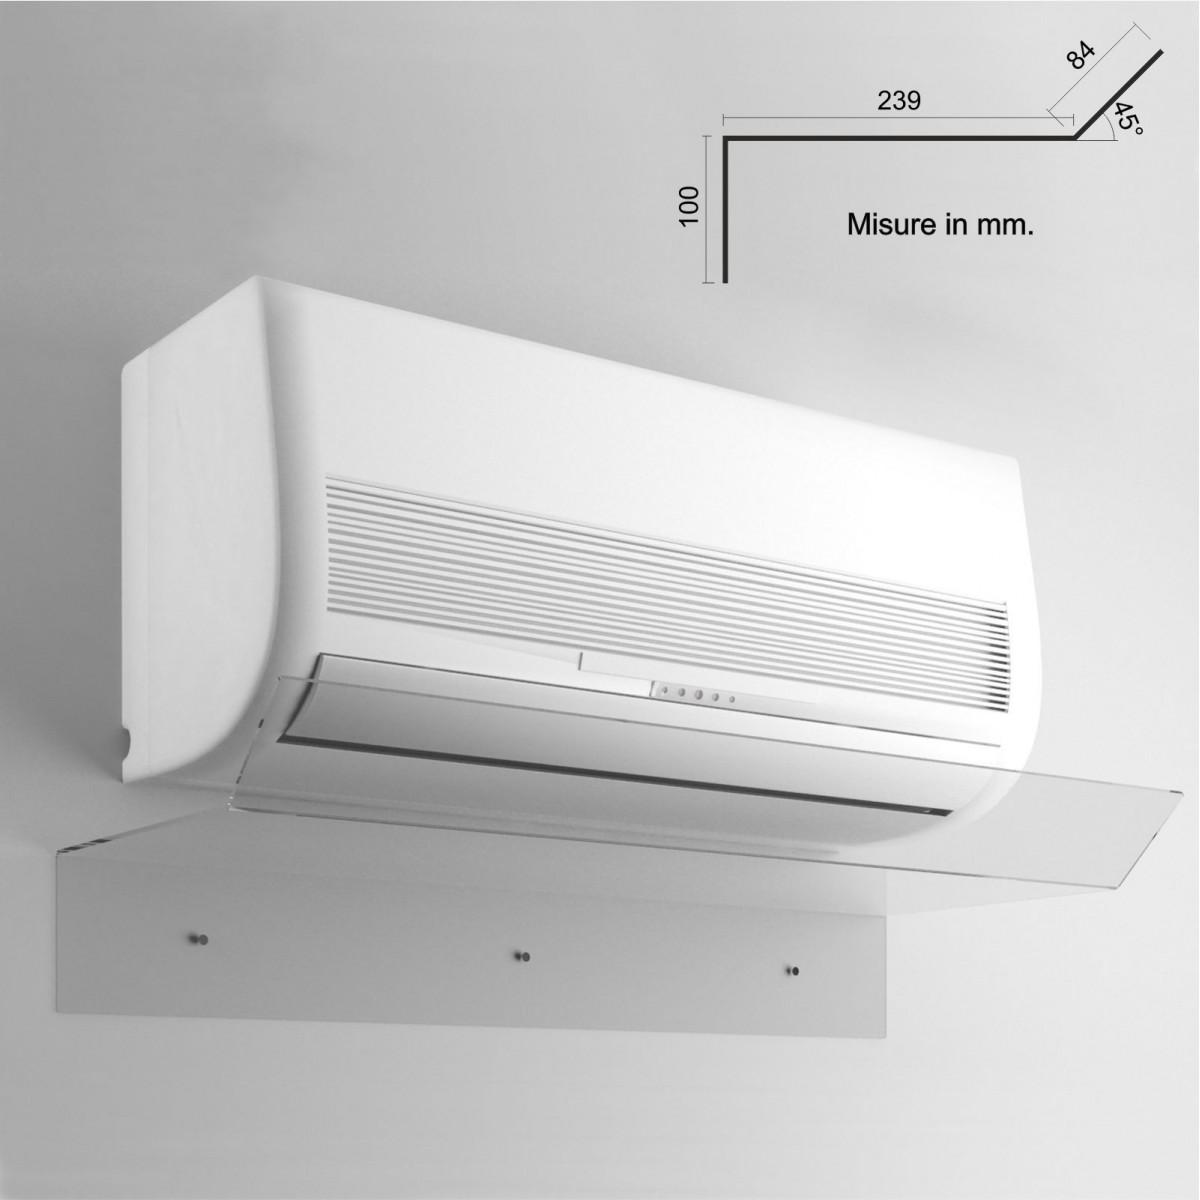 Deflector para aire acondicionado deflector para aire acondicionado en plexiglás transparente